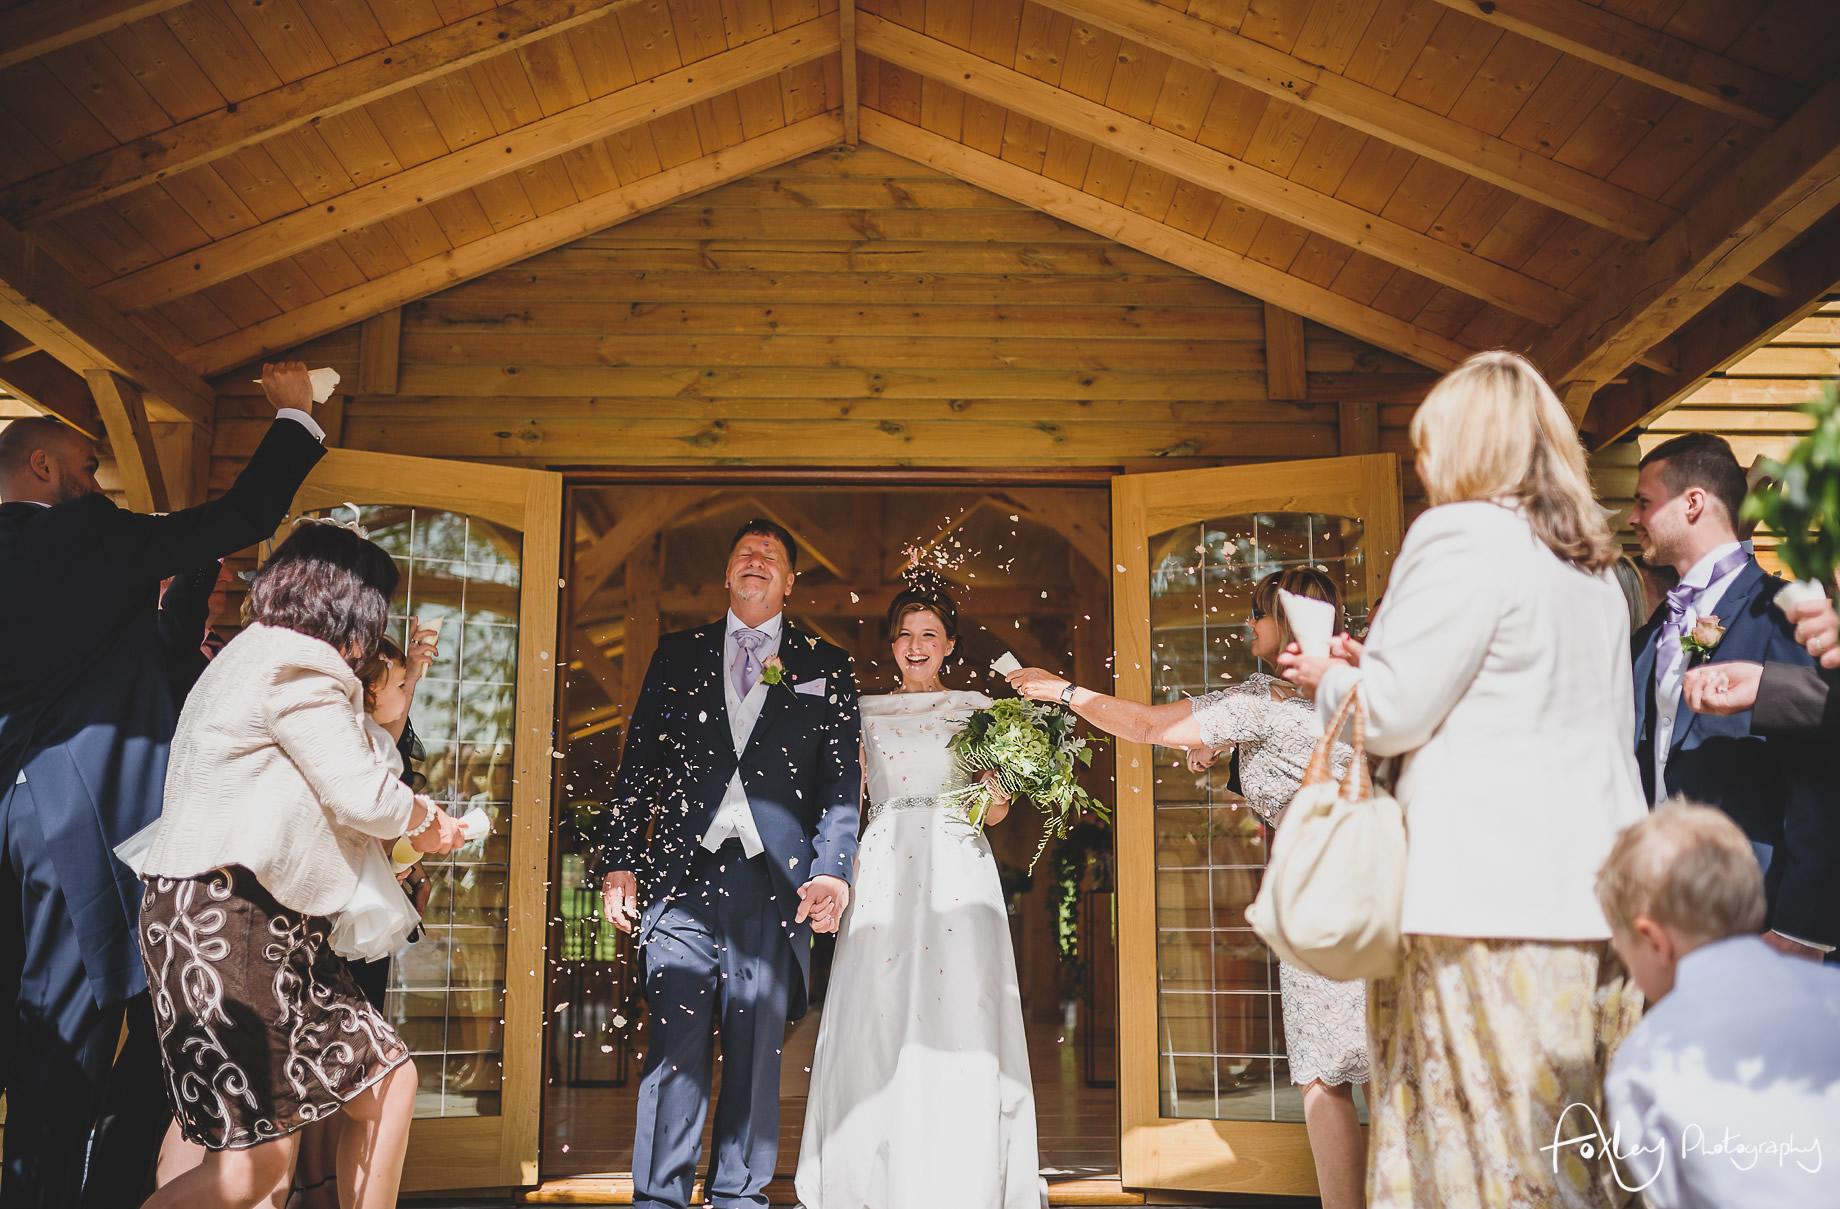 Simona-and-Robert-Wedding-at-Colshaw-Hall-109